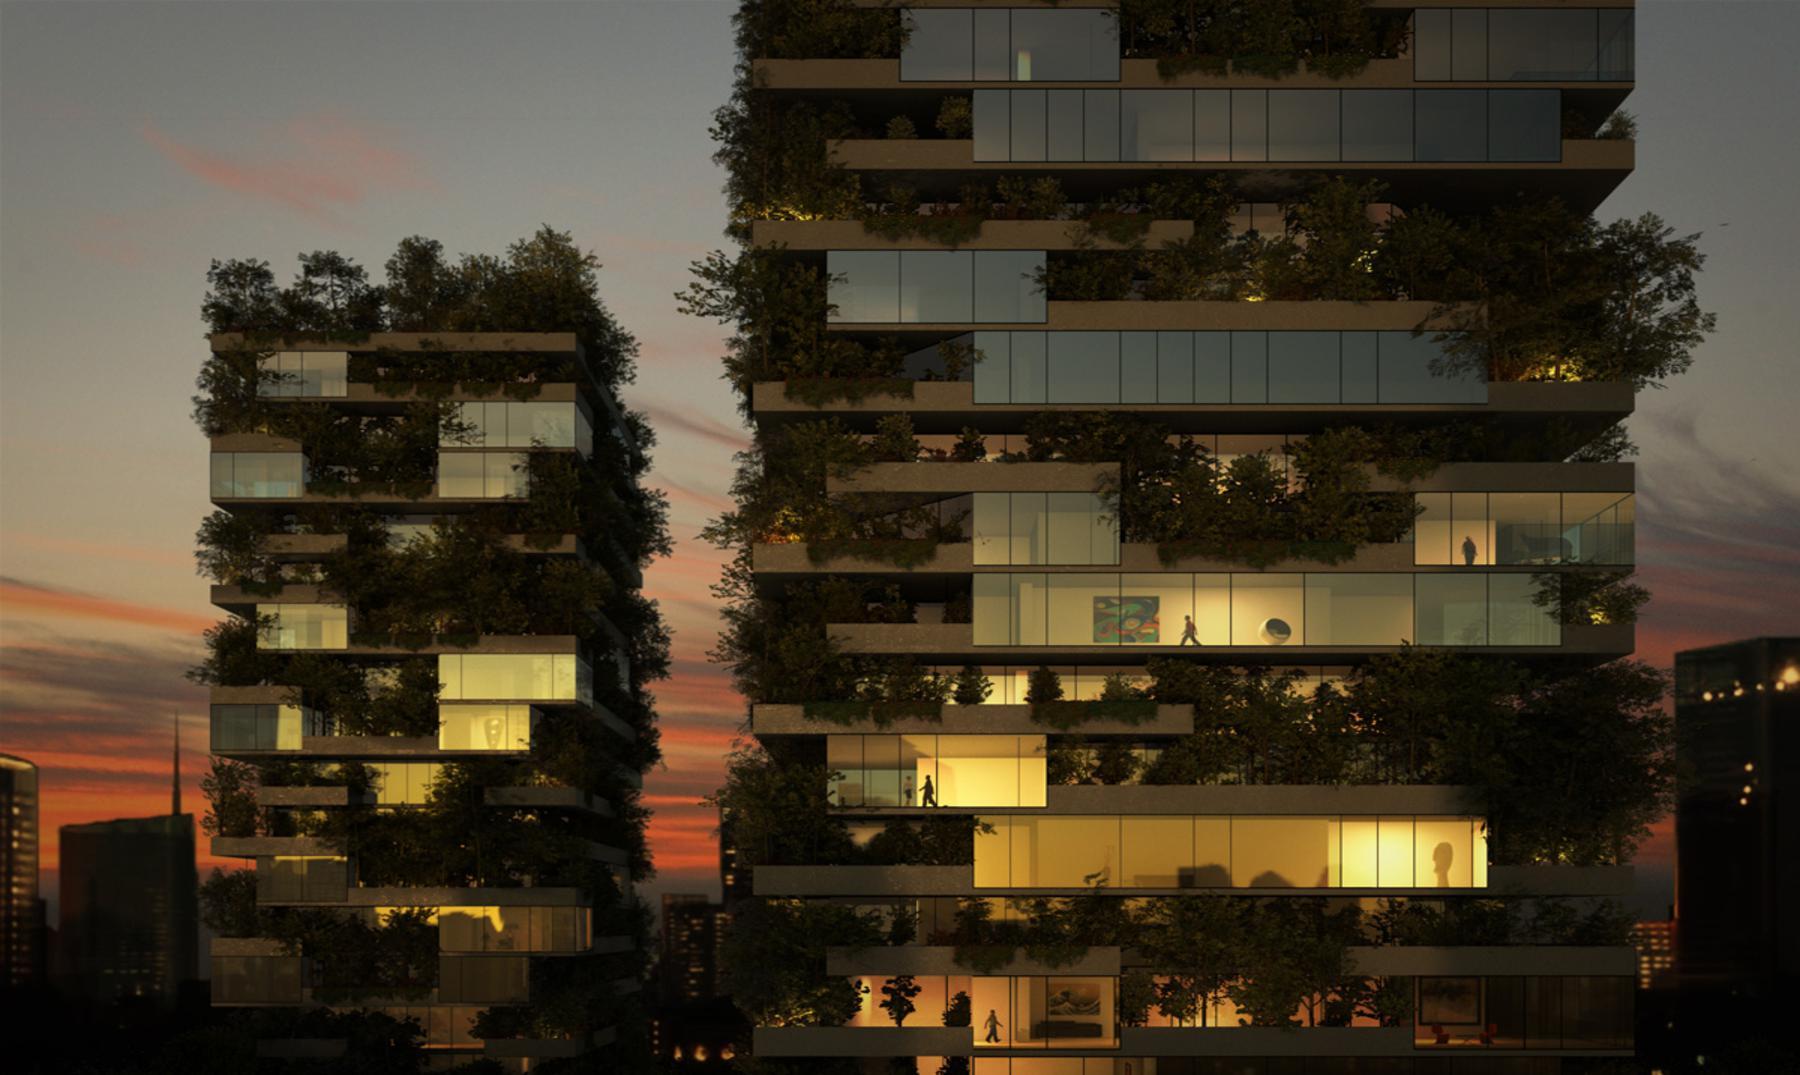 Maravillas ecológicas: El bosque vertical de Milán